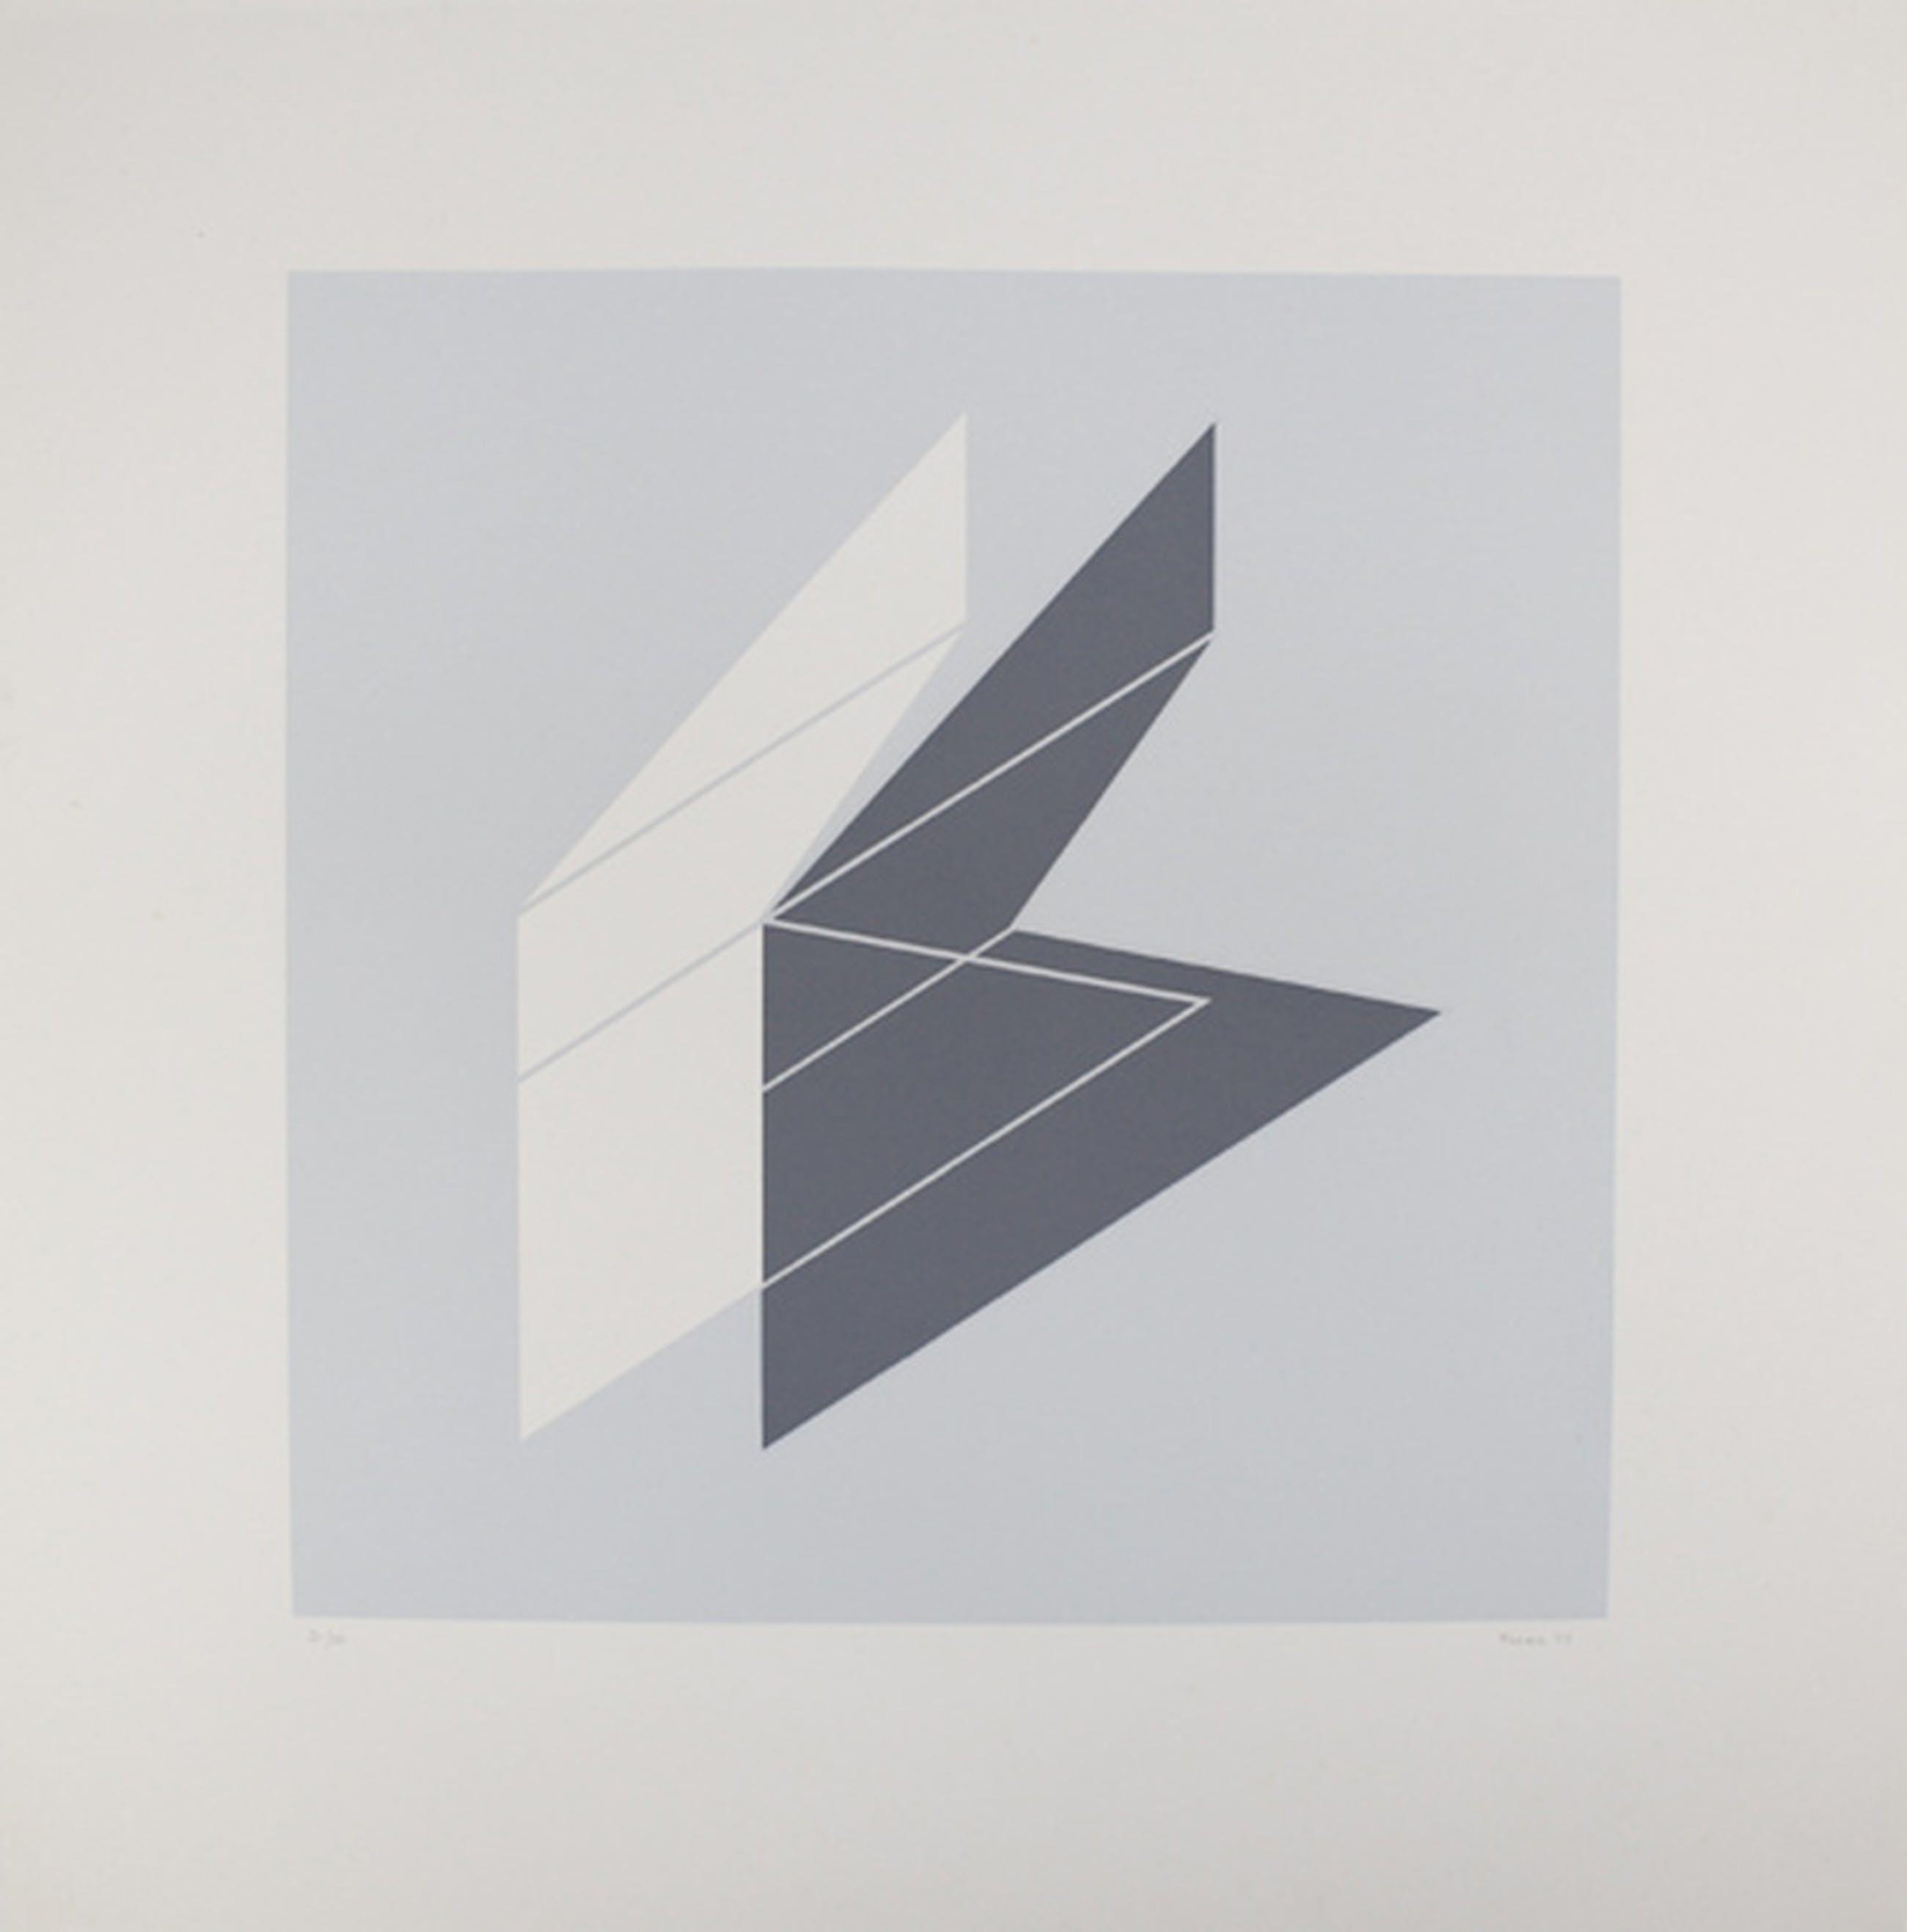 Marcel Floris - Komposition 1973 - handgesigneerd kopen? Bied vanaf 1!